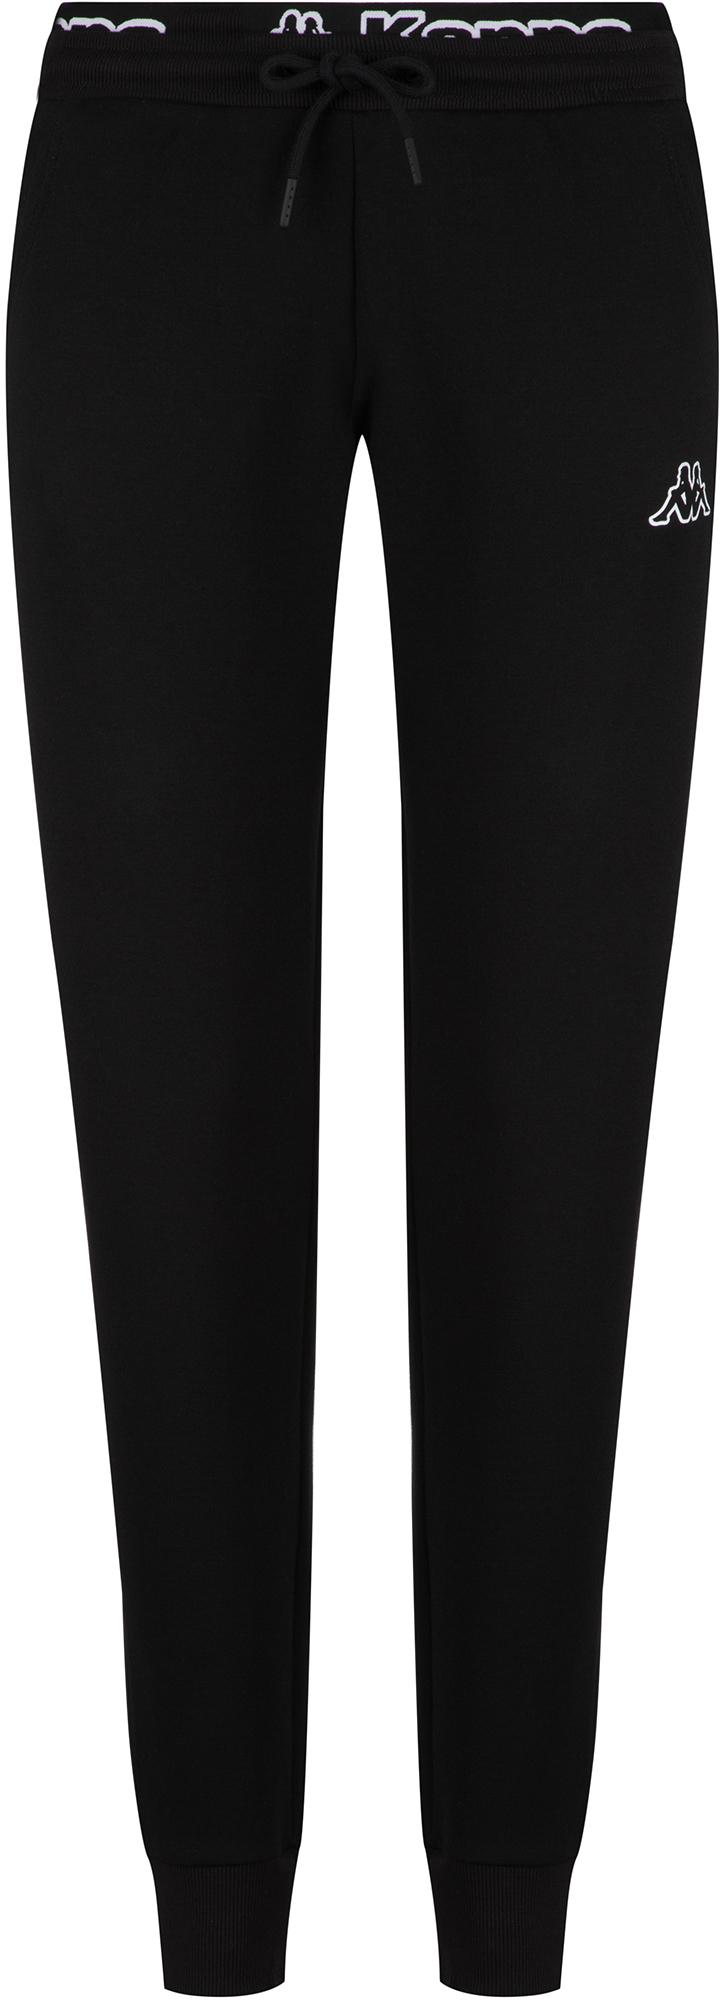 Фото - Kappa Брюки женские Kappa, размер 52 брюки мужские kappa men s trousers цвет графитовый 304jr00 3a размер xl 52